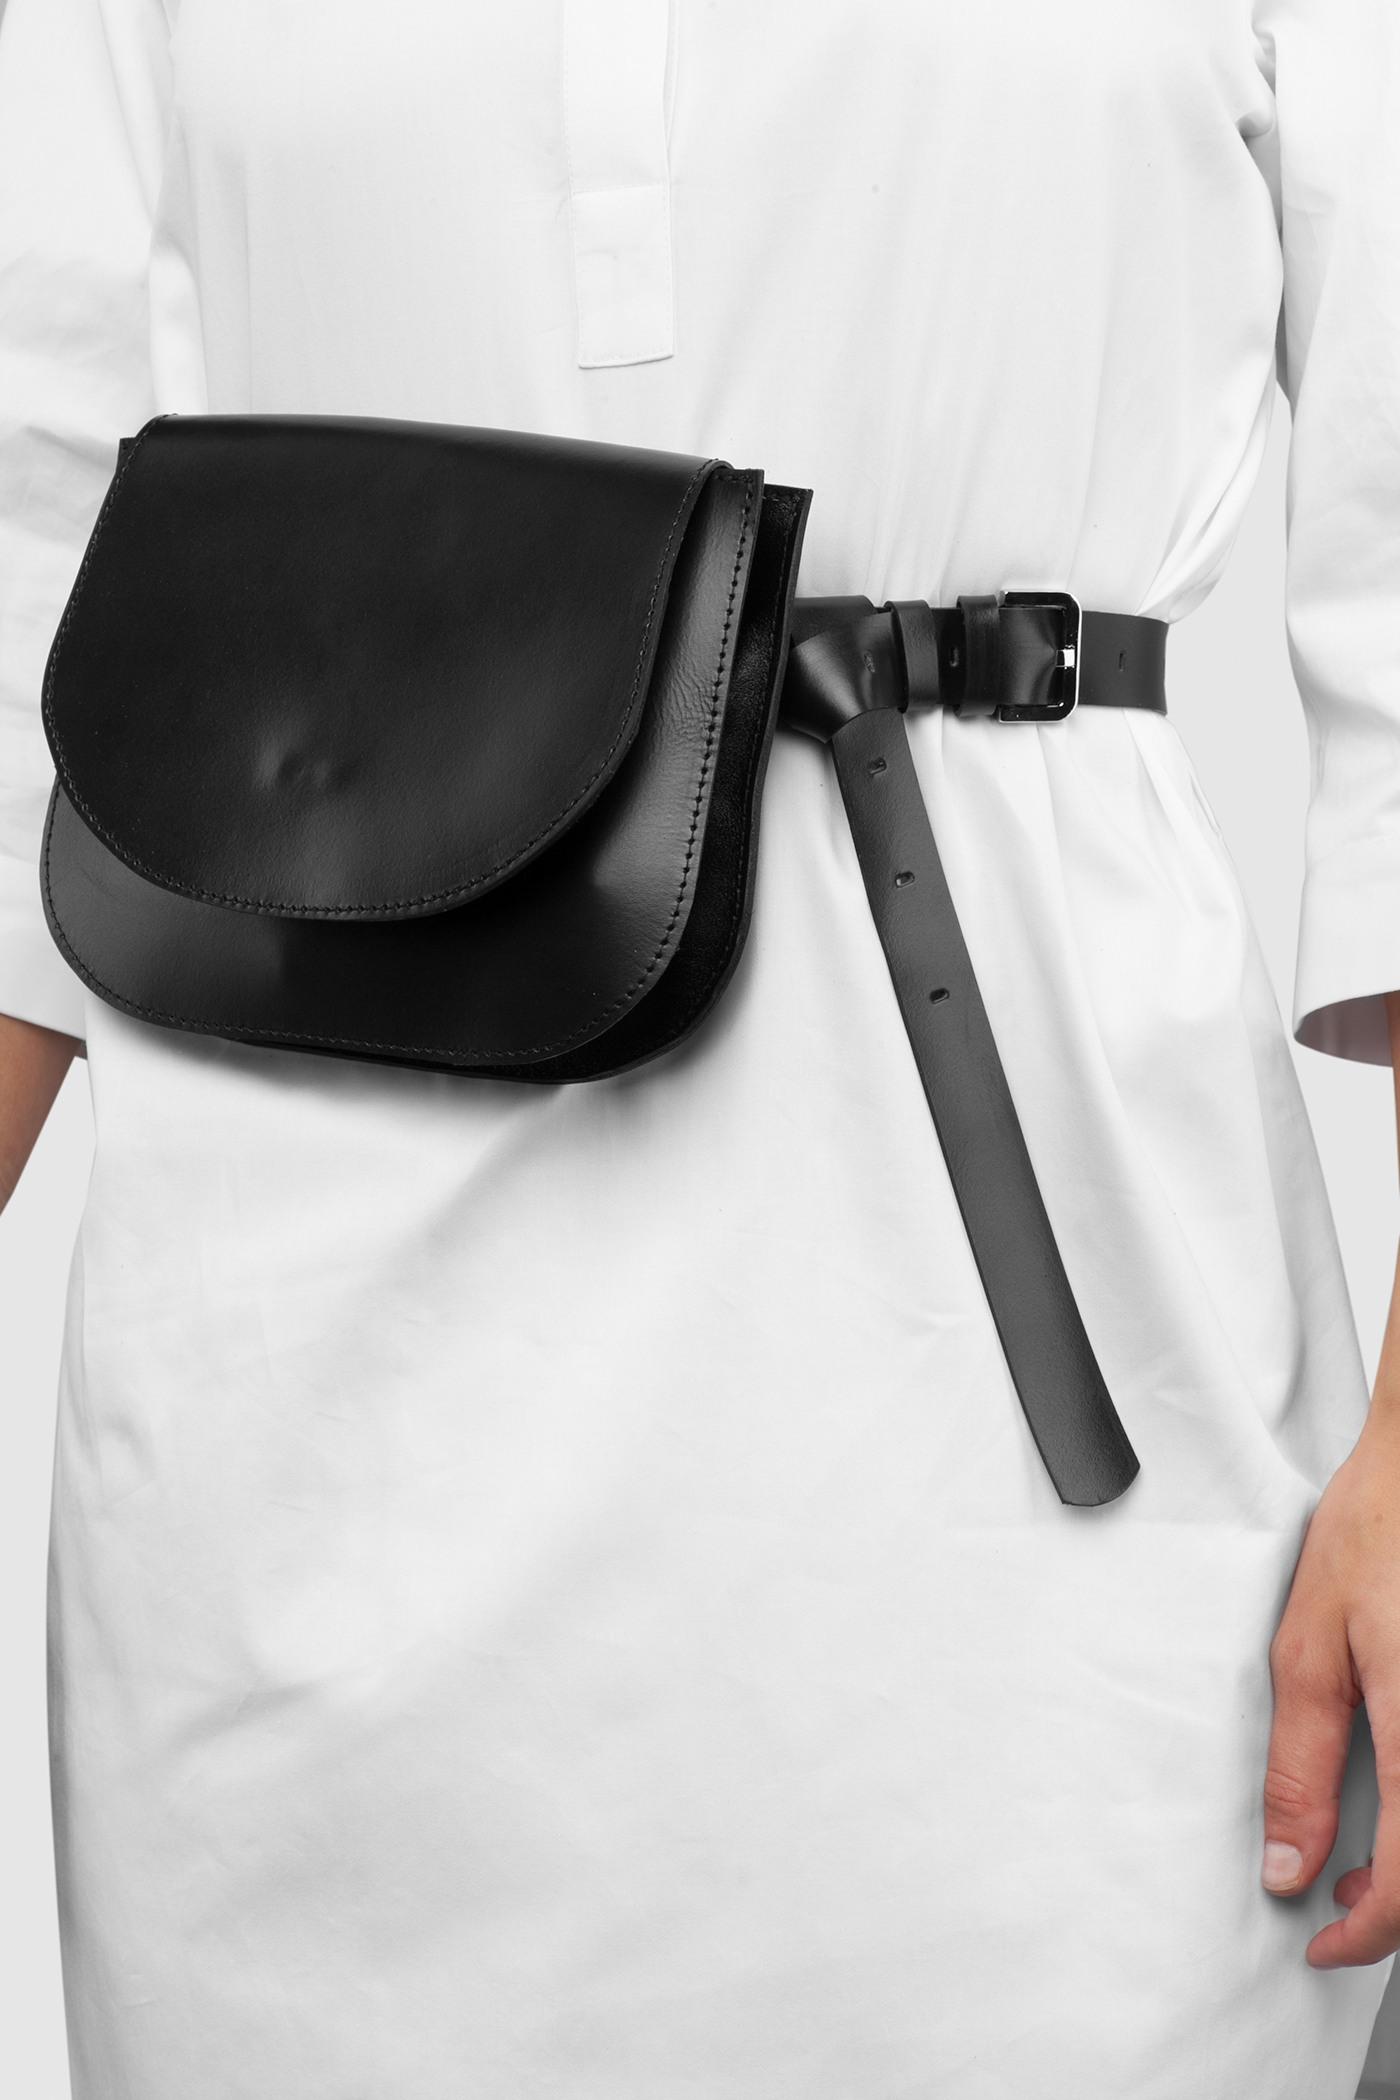 Сумка на поясСумка на пояс из натуральной кожи&#13;<br>&#13;<br>&#13;<br>размер сумки: 16х20,5 см&#13;<br>&#13;<br>в комплекте съёмный тонкий ремень, для того, чтобы носить сумку через плечо&#13;<br>&#13;<br>закрывается на магнитную кнопку&#13;<br>&#13;<br>два внутренних отделения&#13;<br>&#13;<br>помещается iPhone 6<br><br>Цвет: Черный, Белый